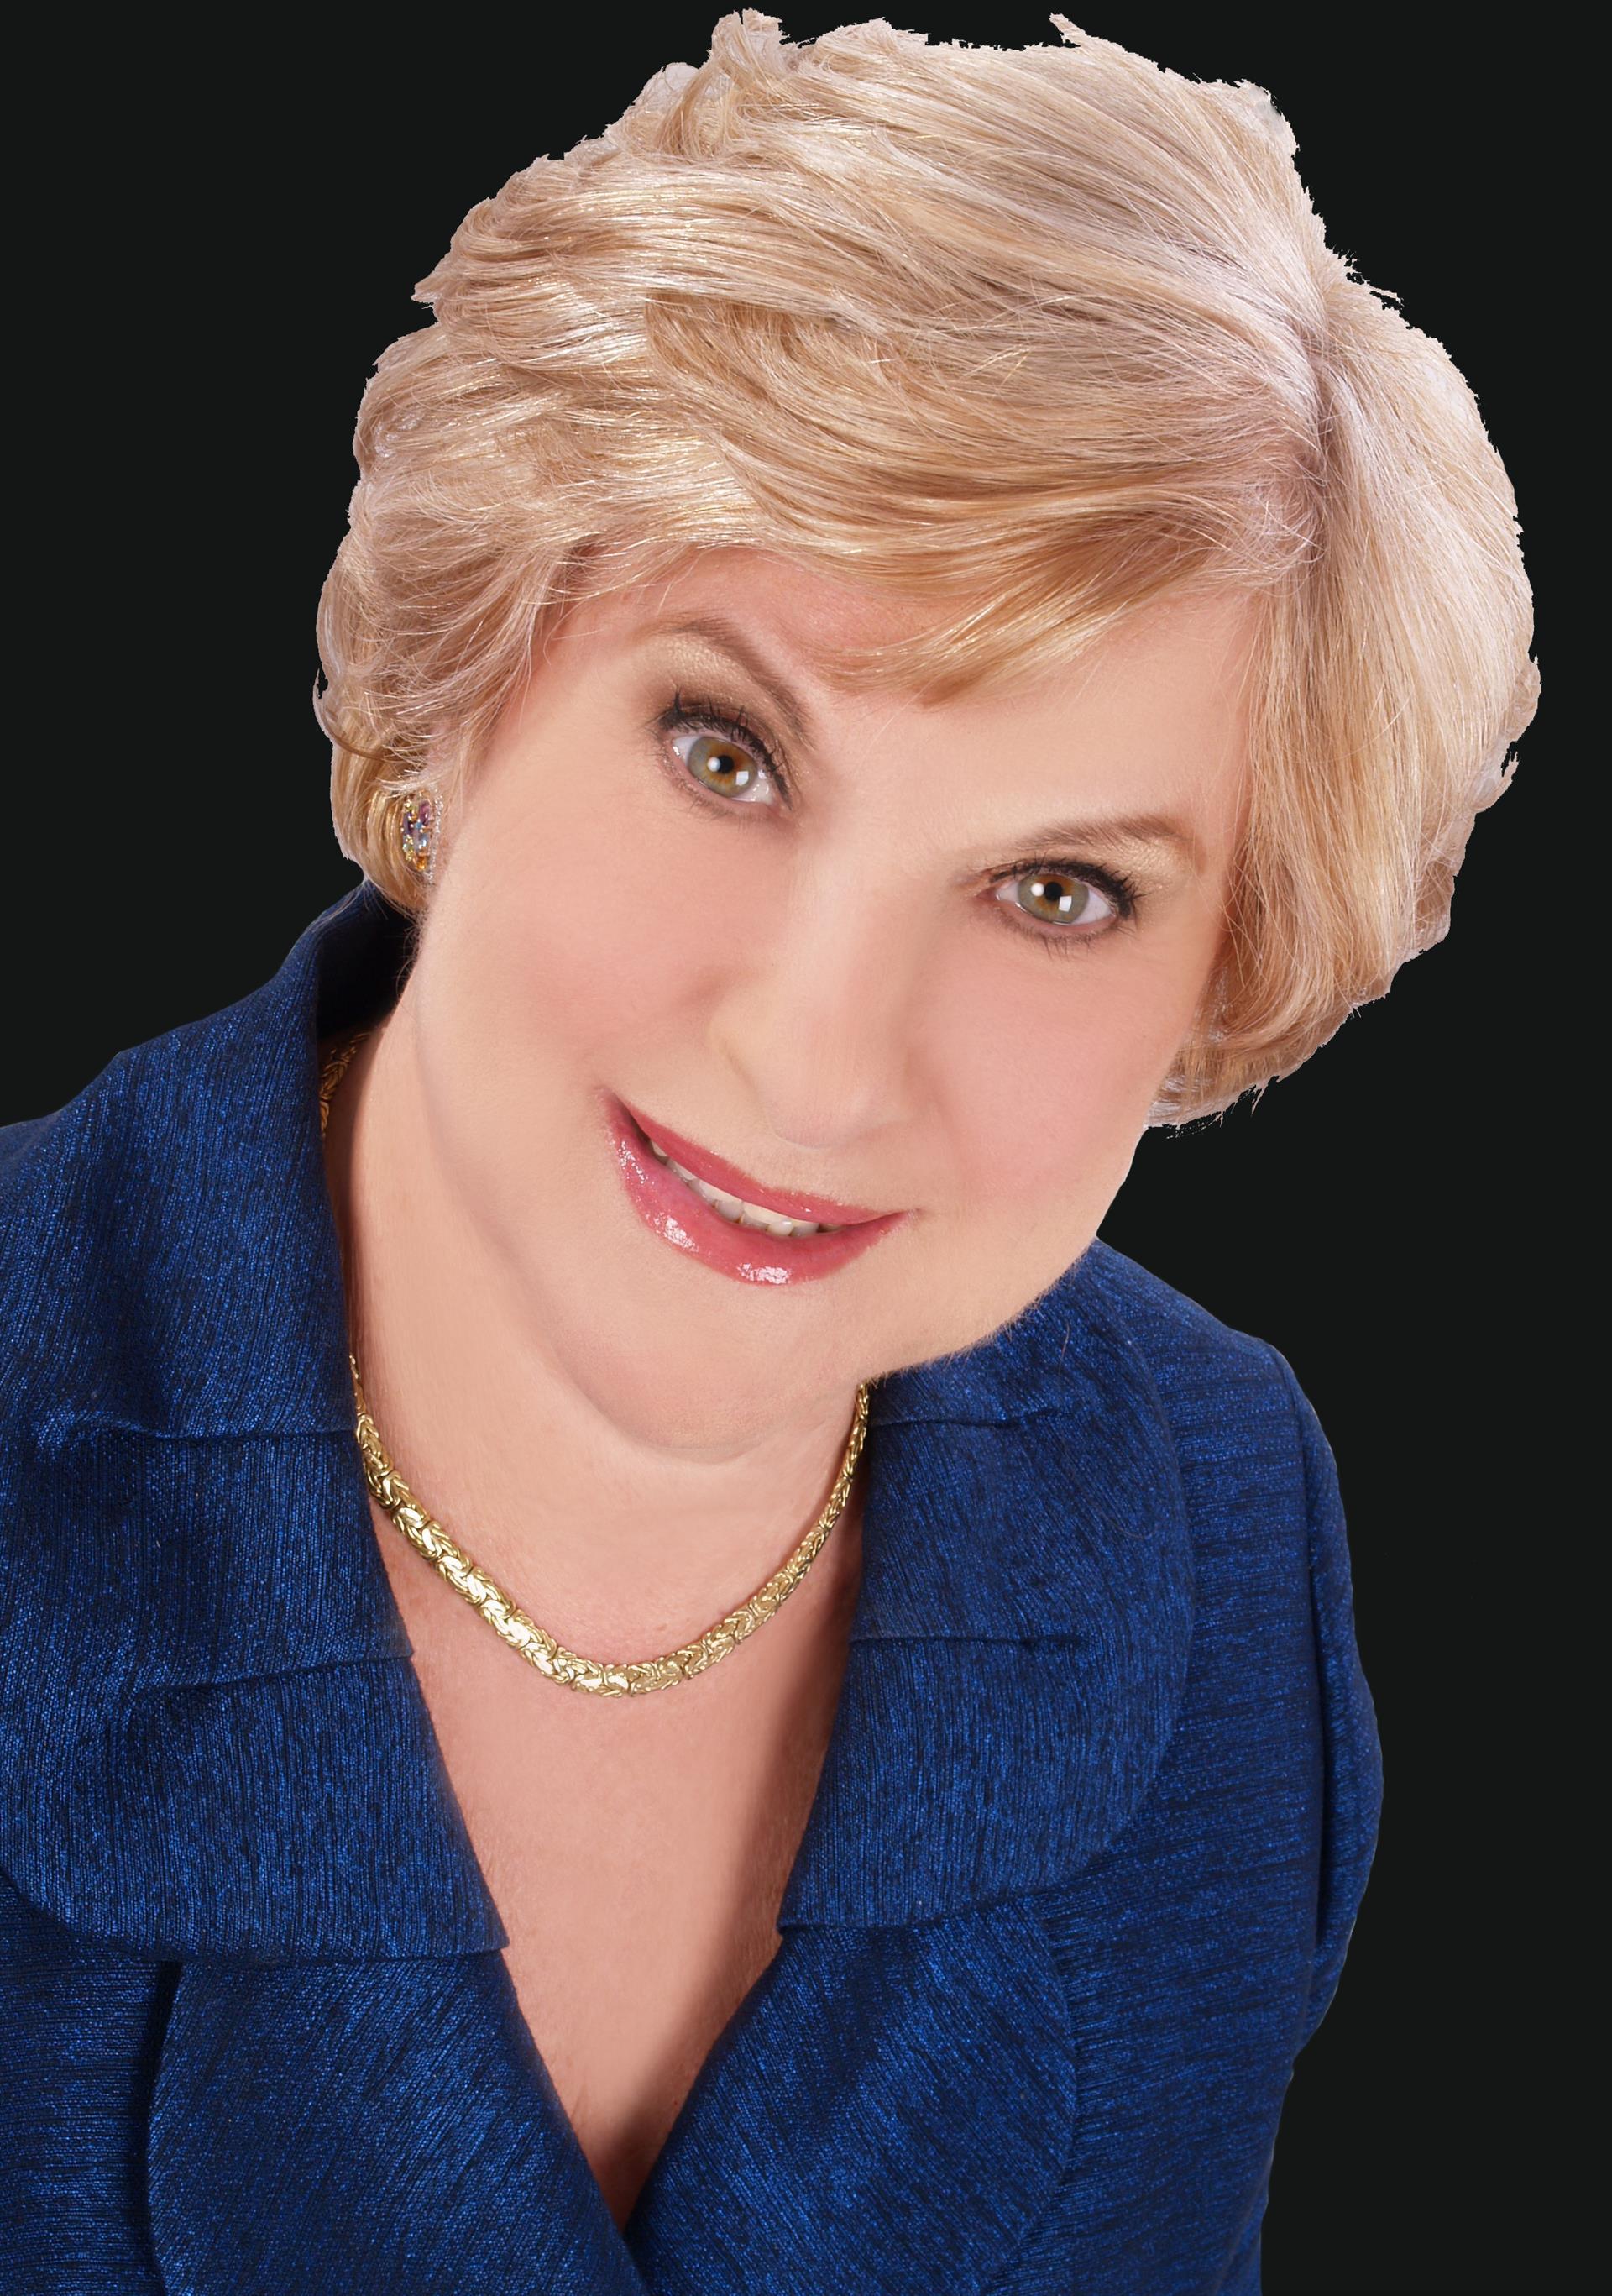 Patricia Lawler